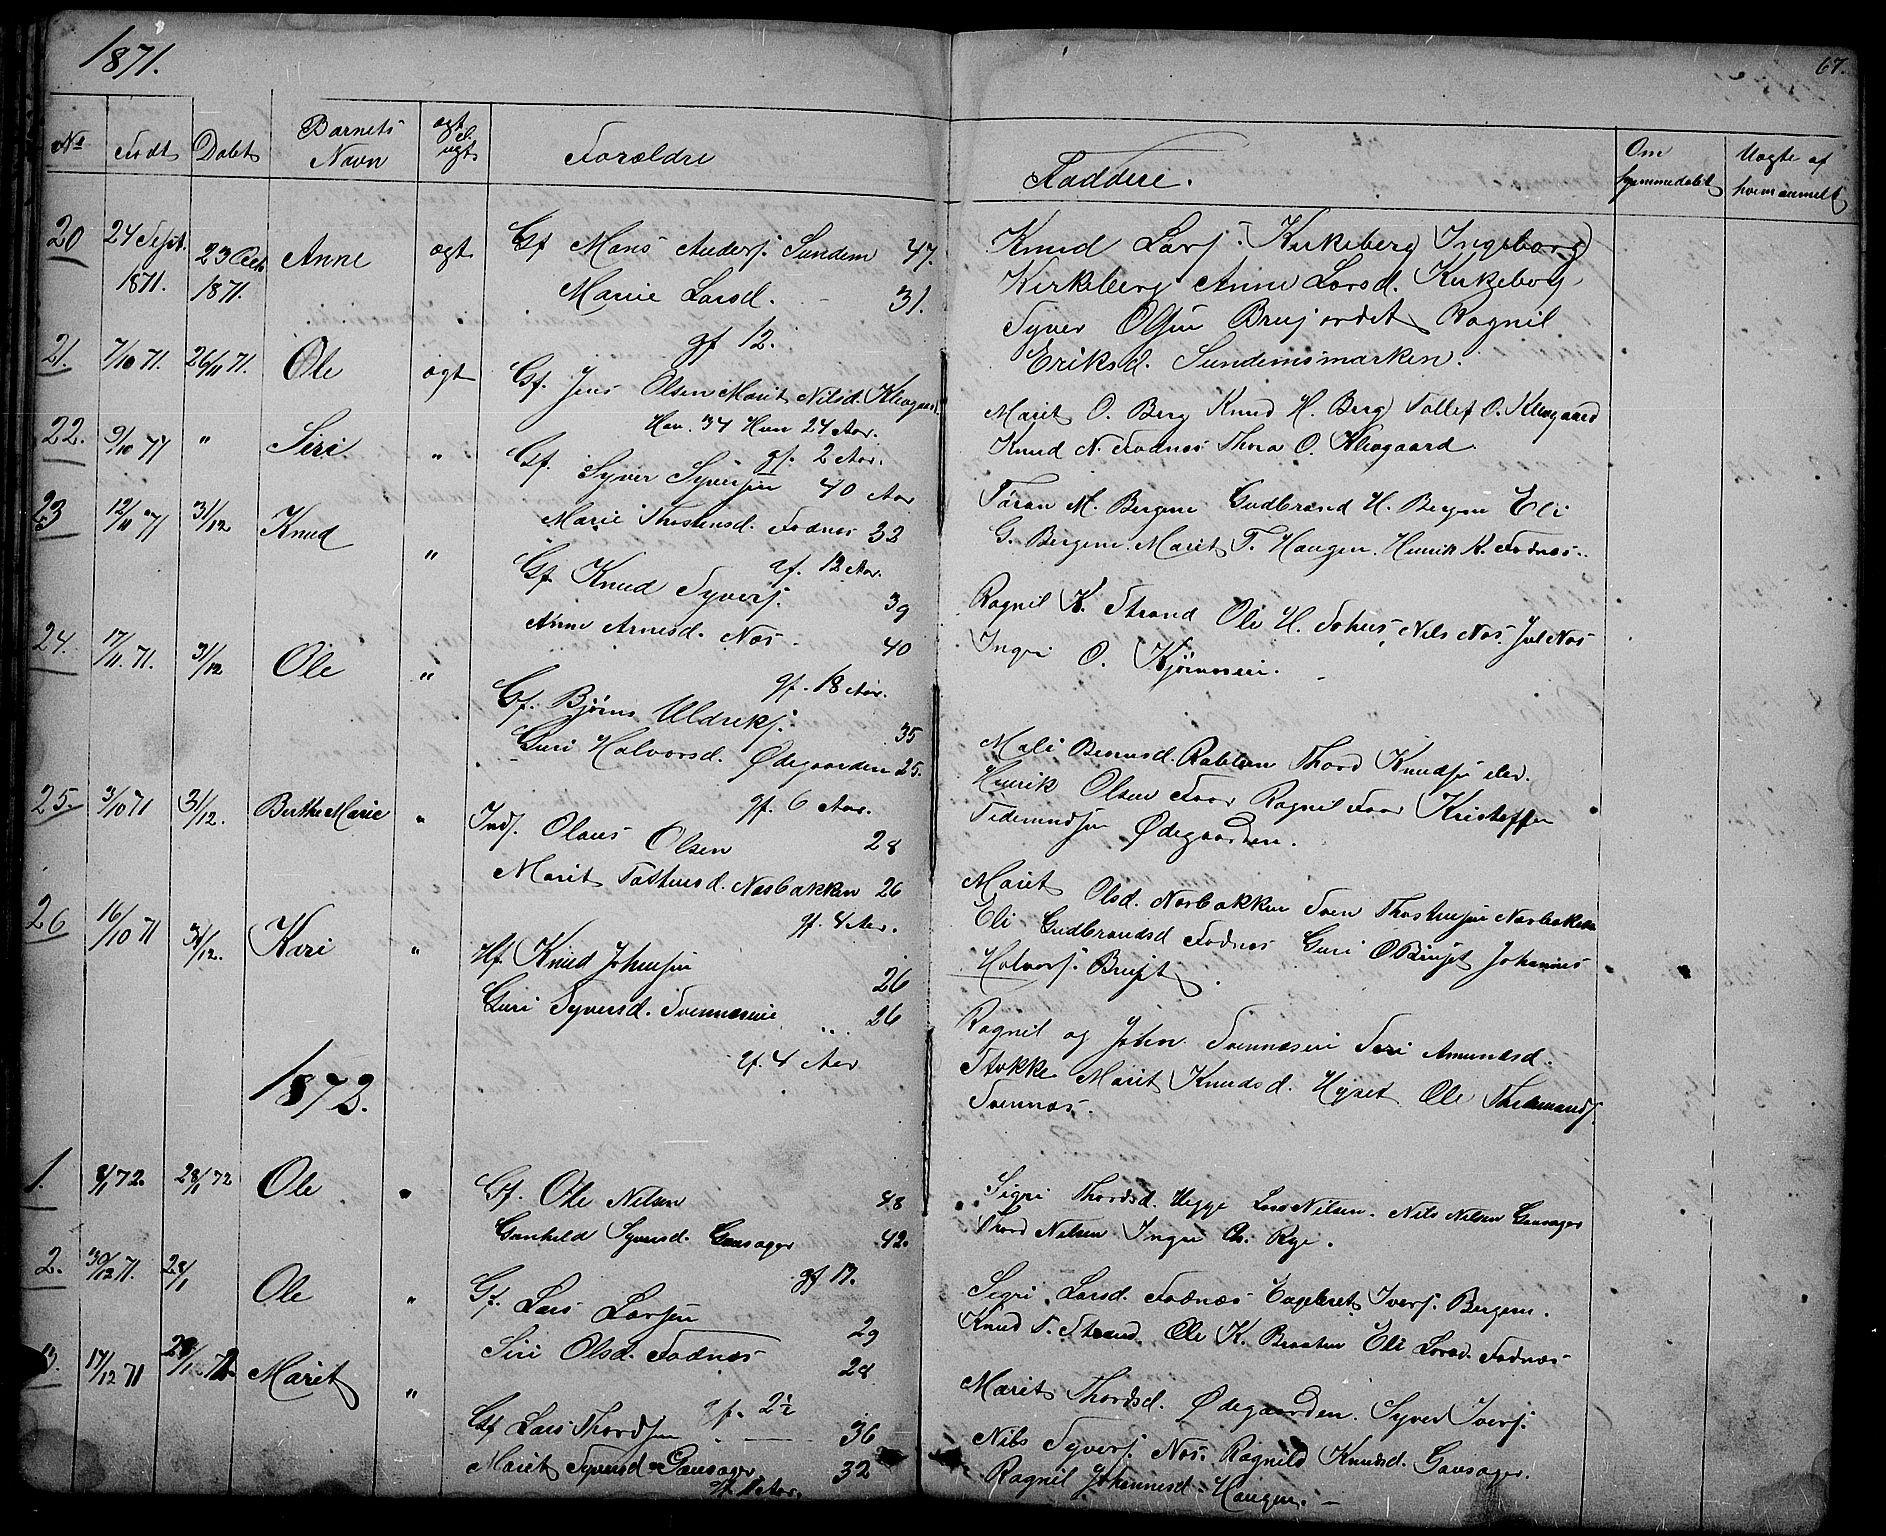 SAH, Nord-Aurdal prestekontor, Klokkerbok nr. 3, 1842-1882, s. 67